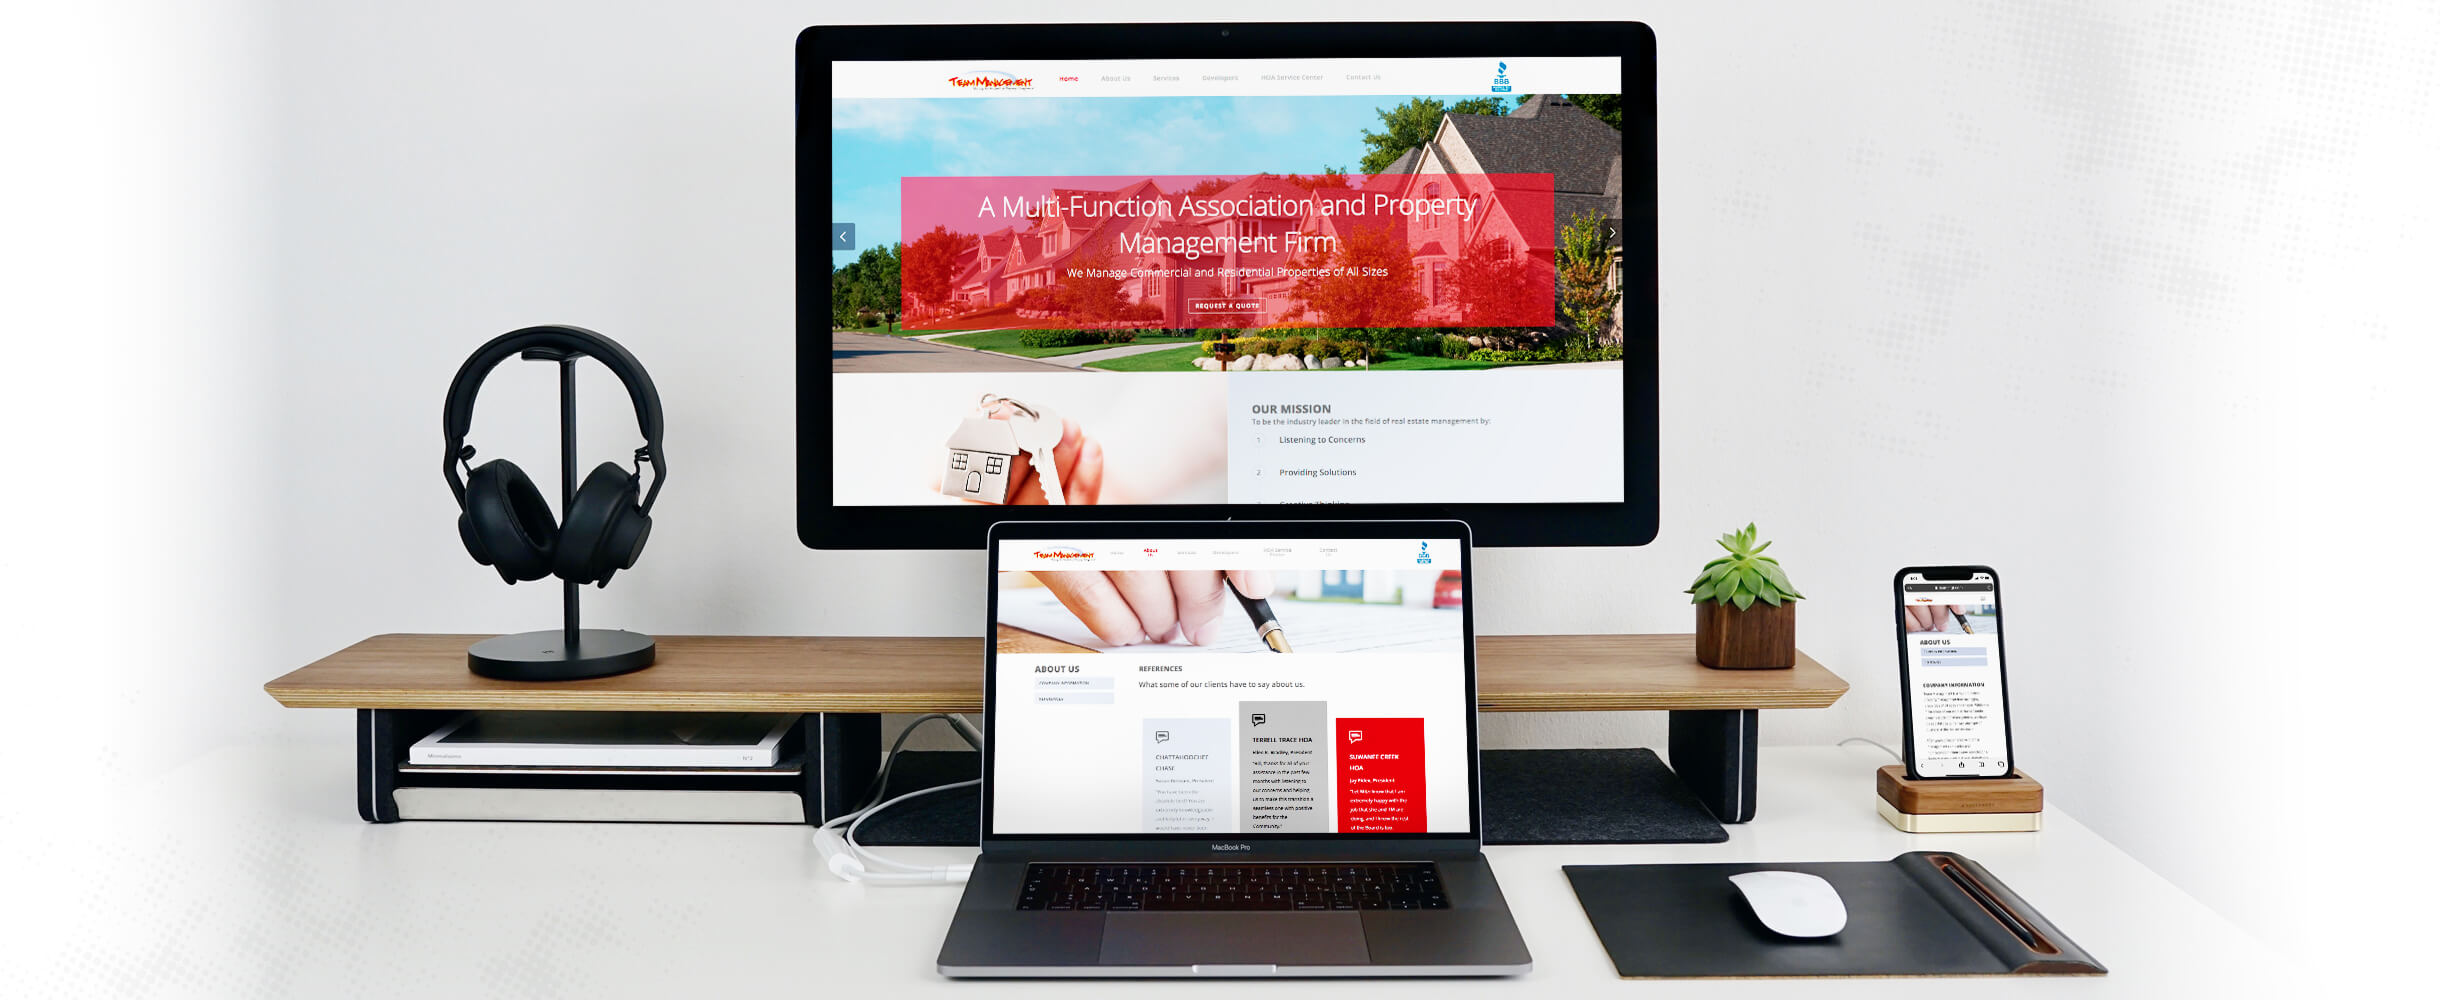 team management website images